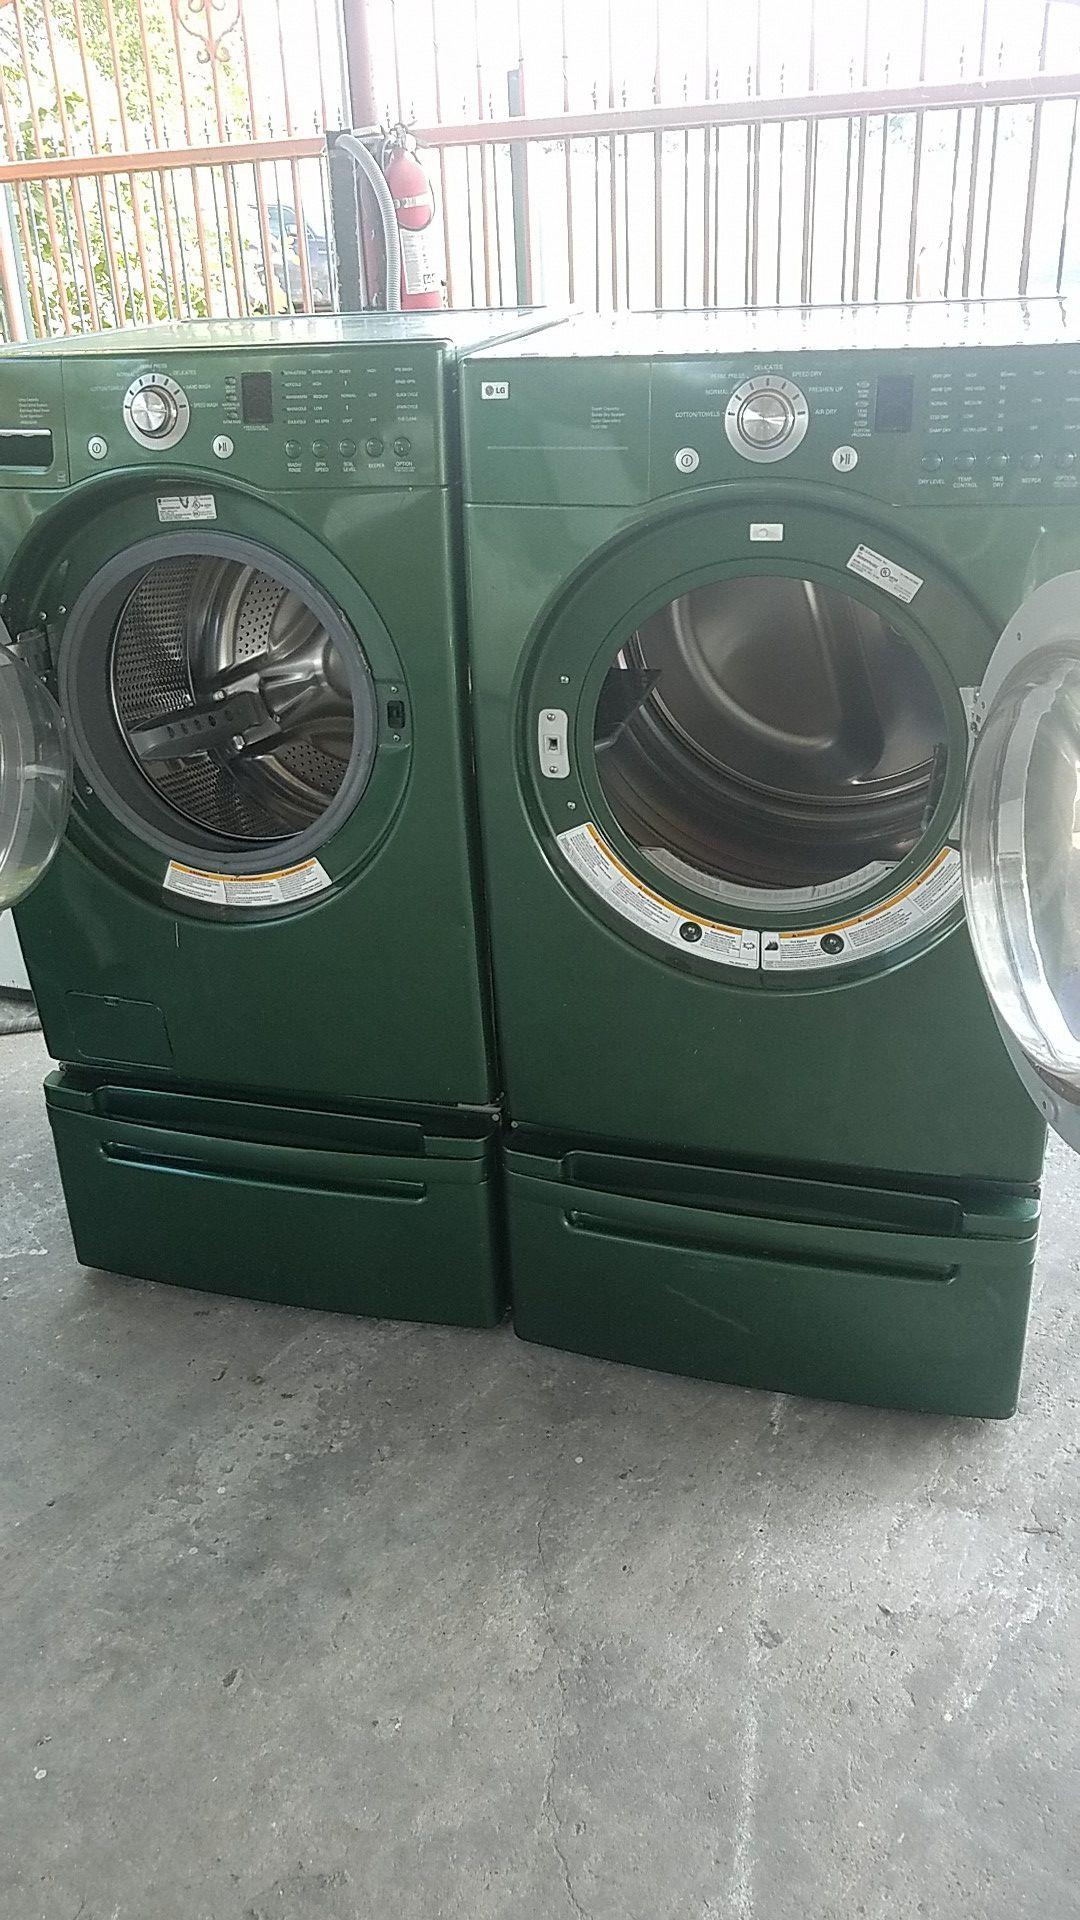 LG lavadora y secadora electrica